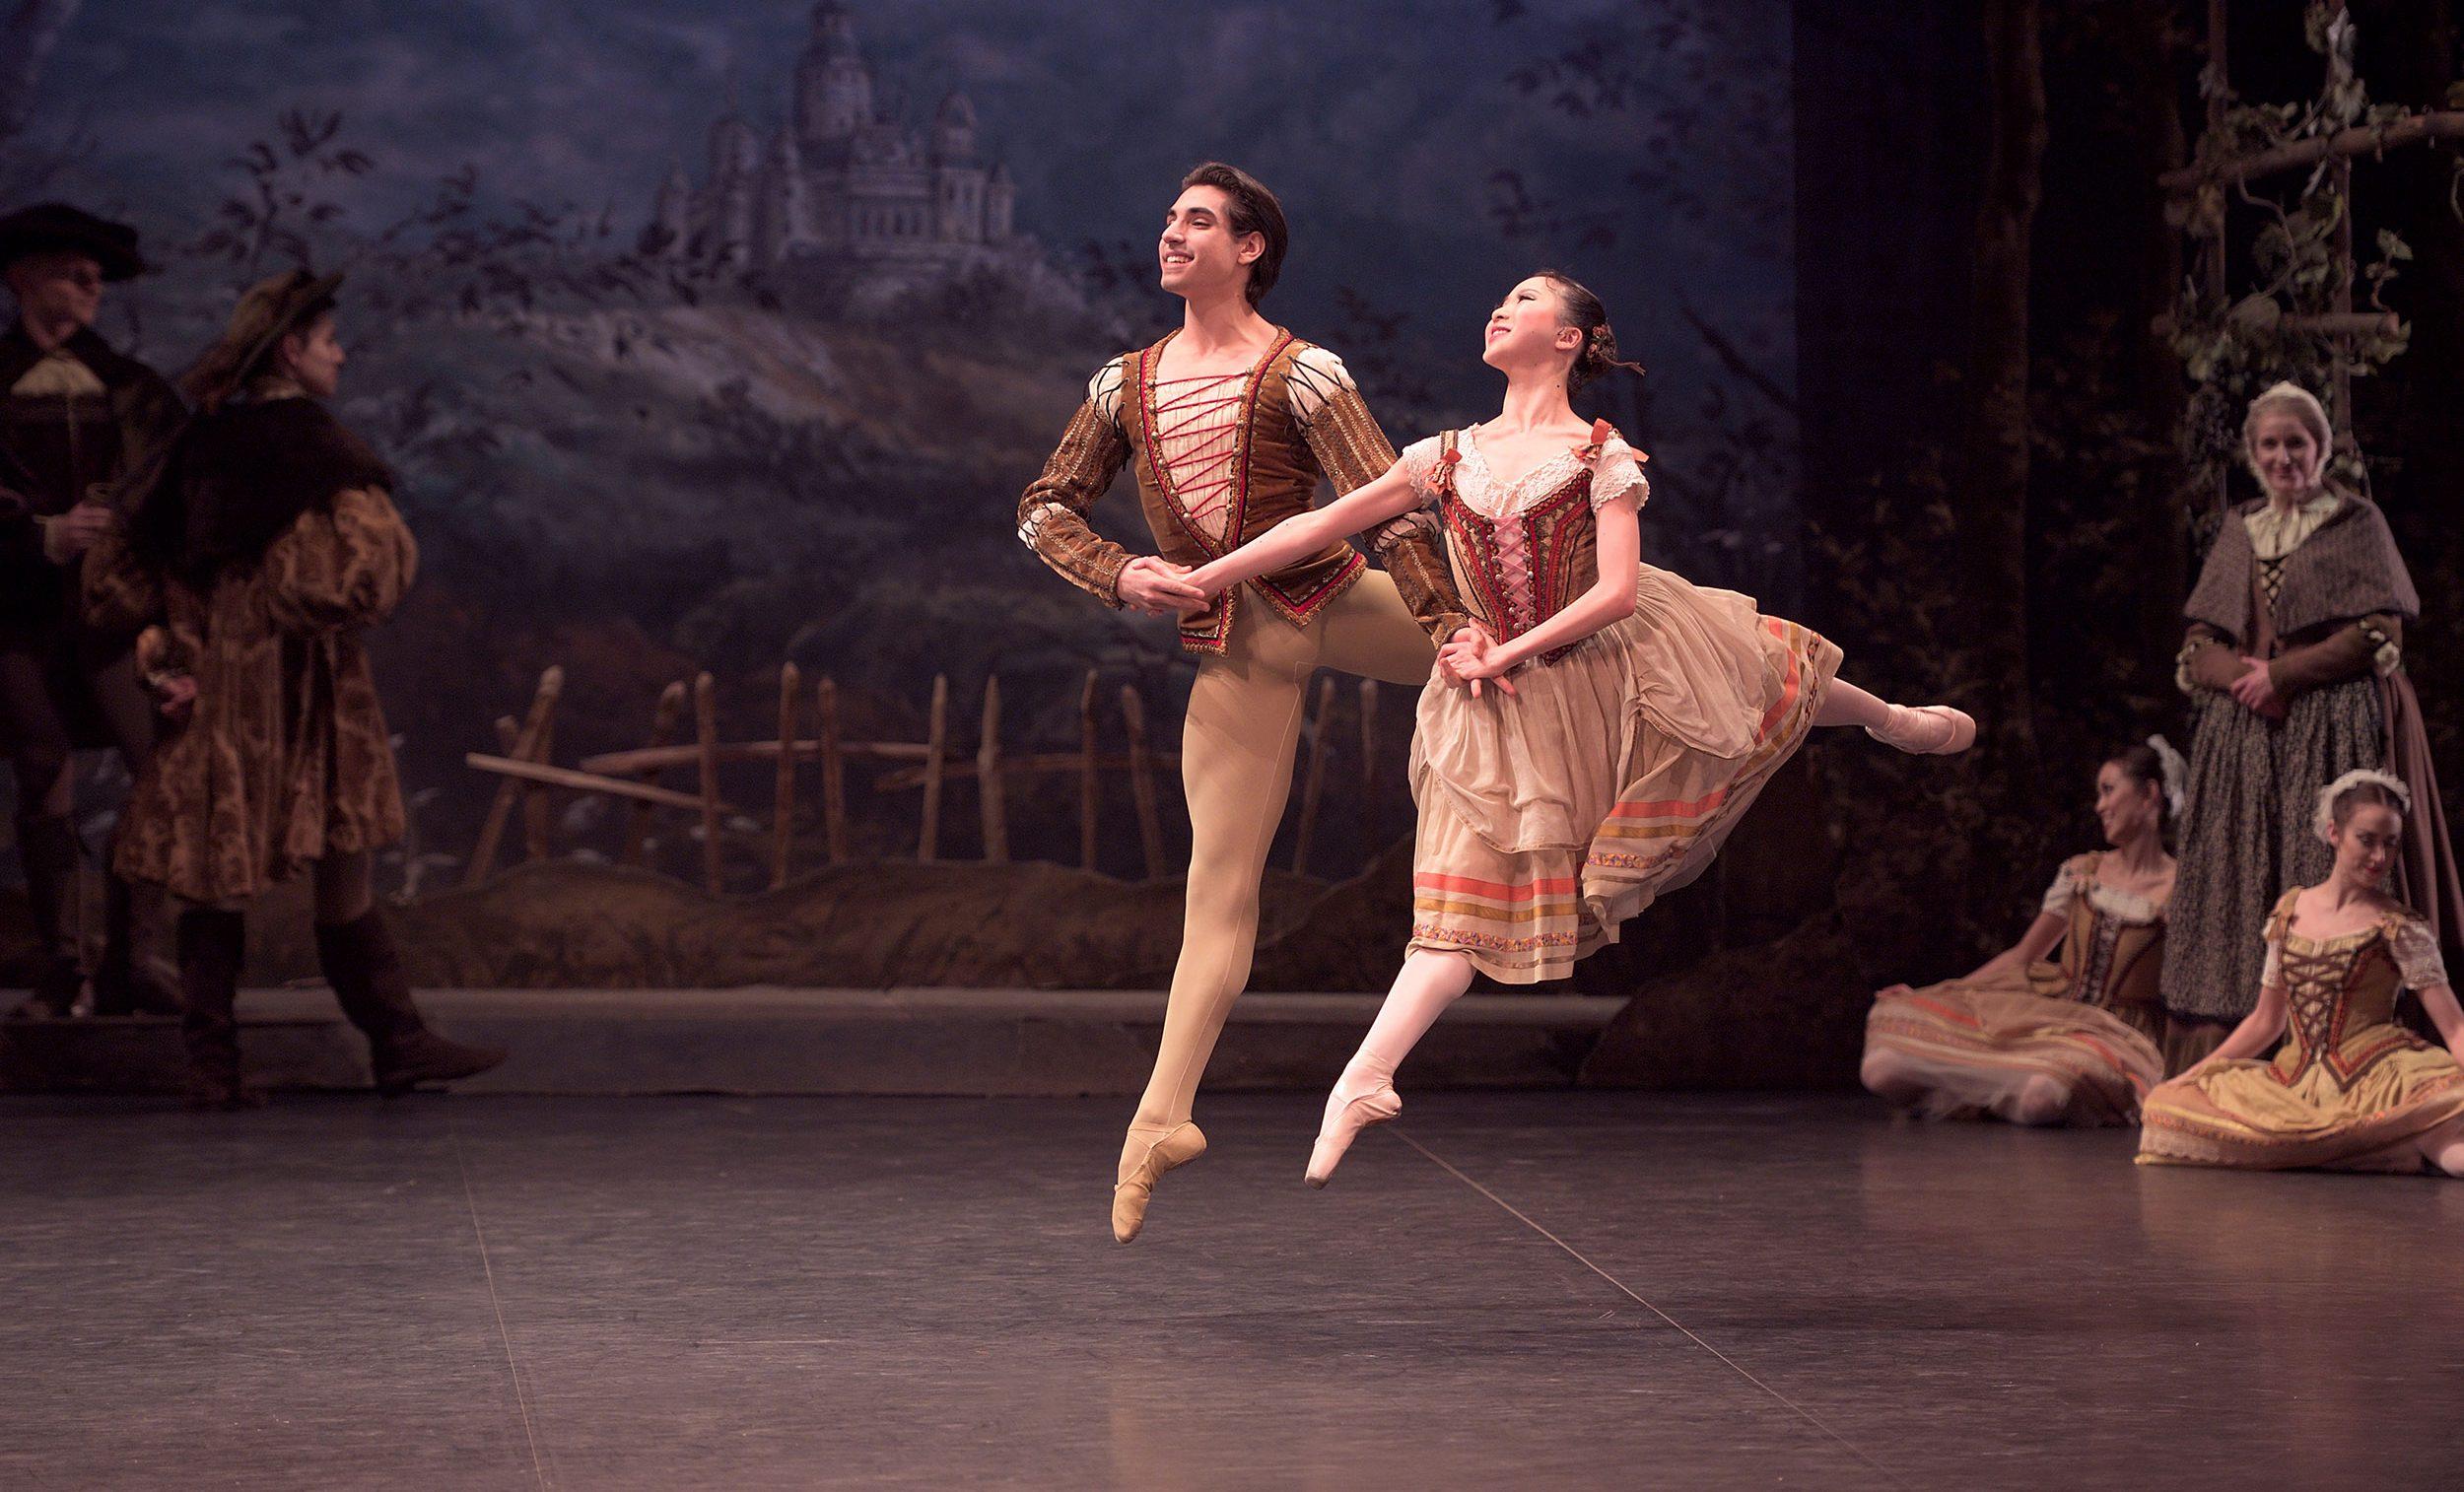 Rina-Kanehara-and-Cesar-Corrales-in-Giselle-(c)-Laurent-Liotardo--(2)